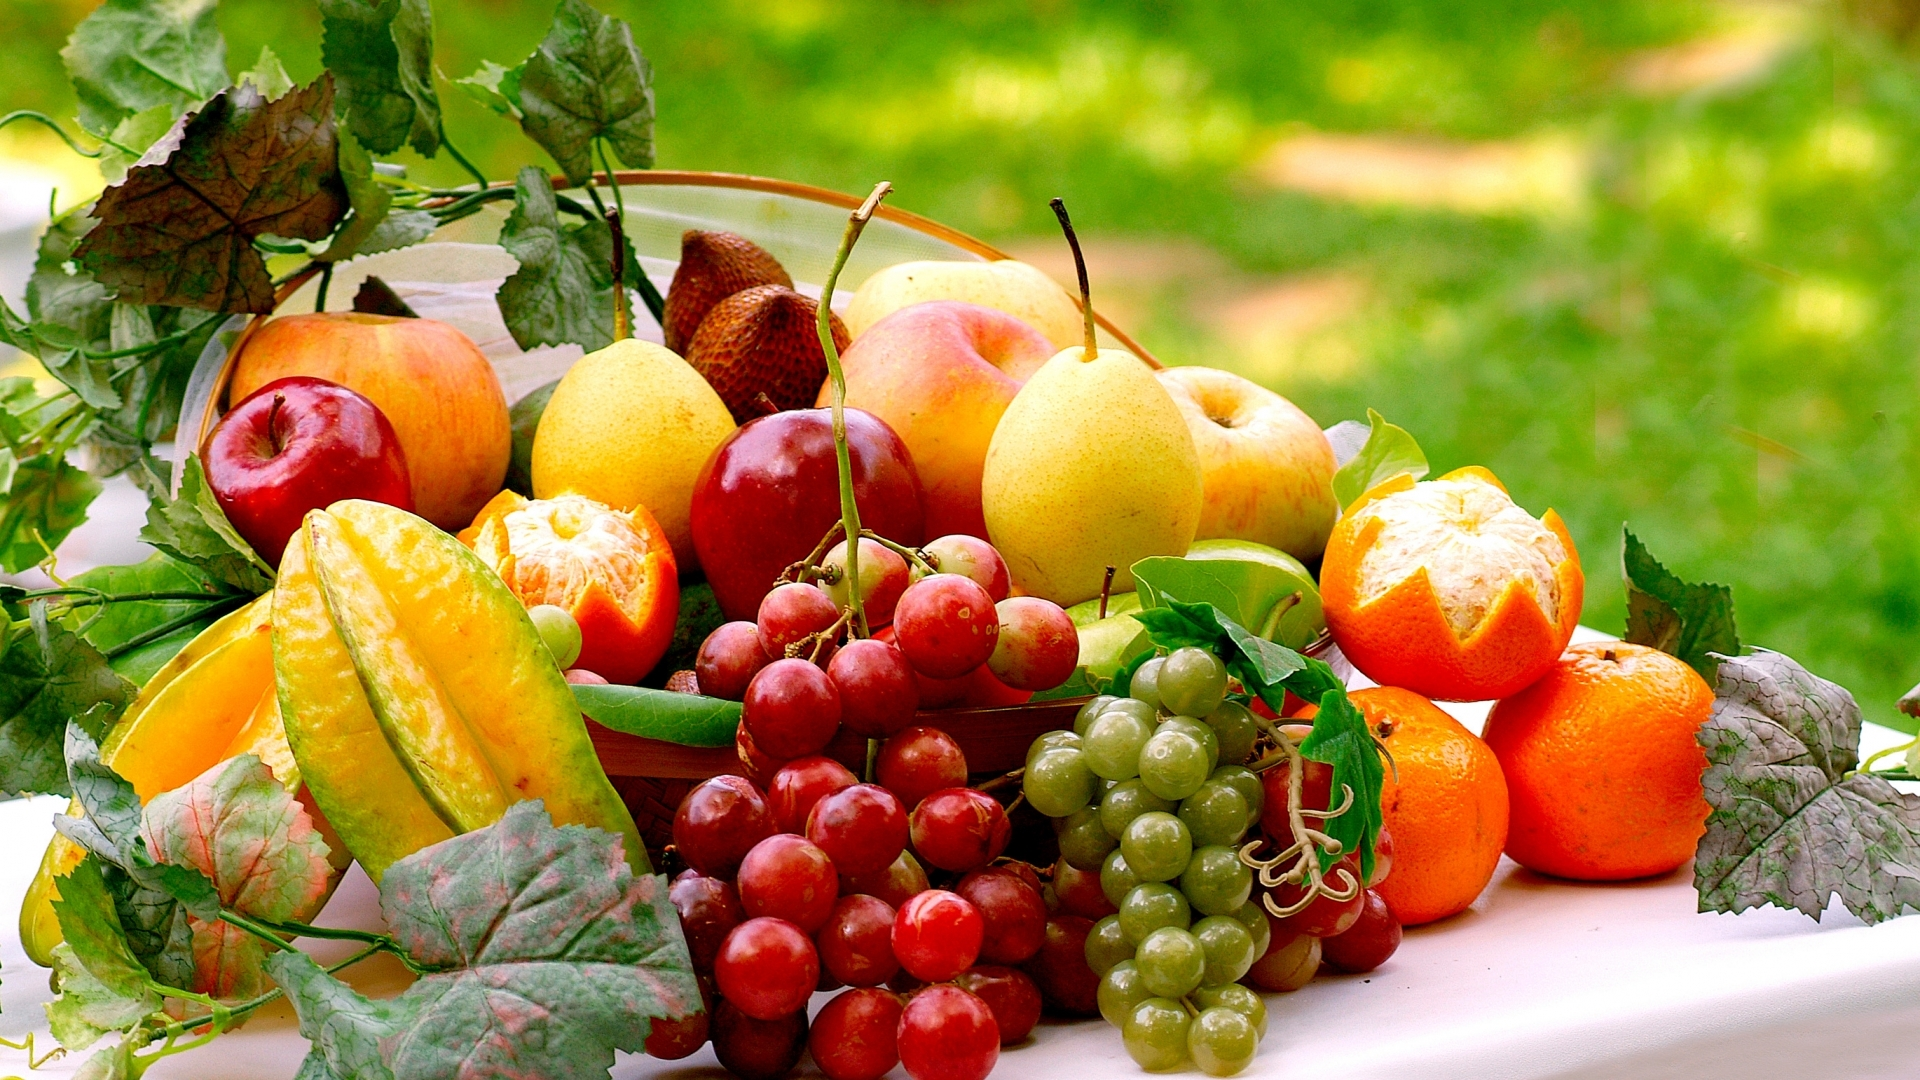 fruits_background